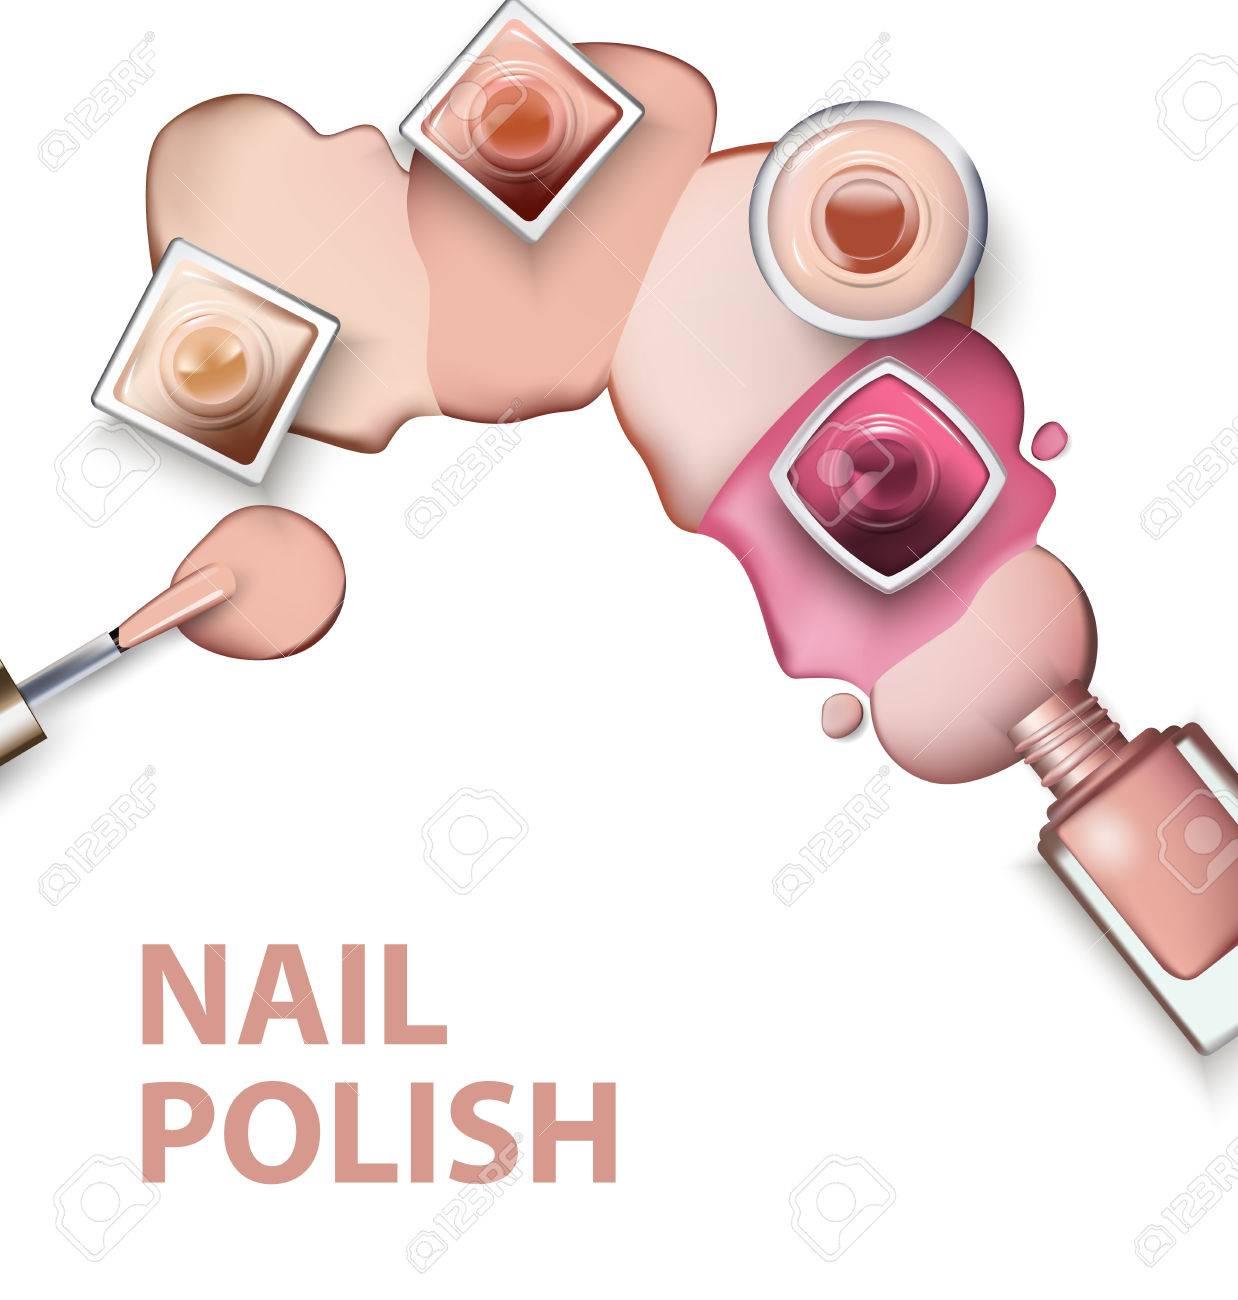 Close Up Of Nail Polish With Drops Of Nail Polish Light Pastel ...